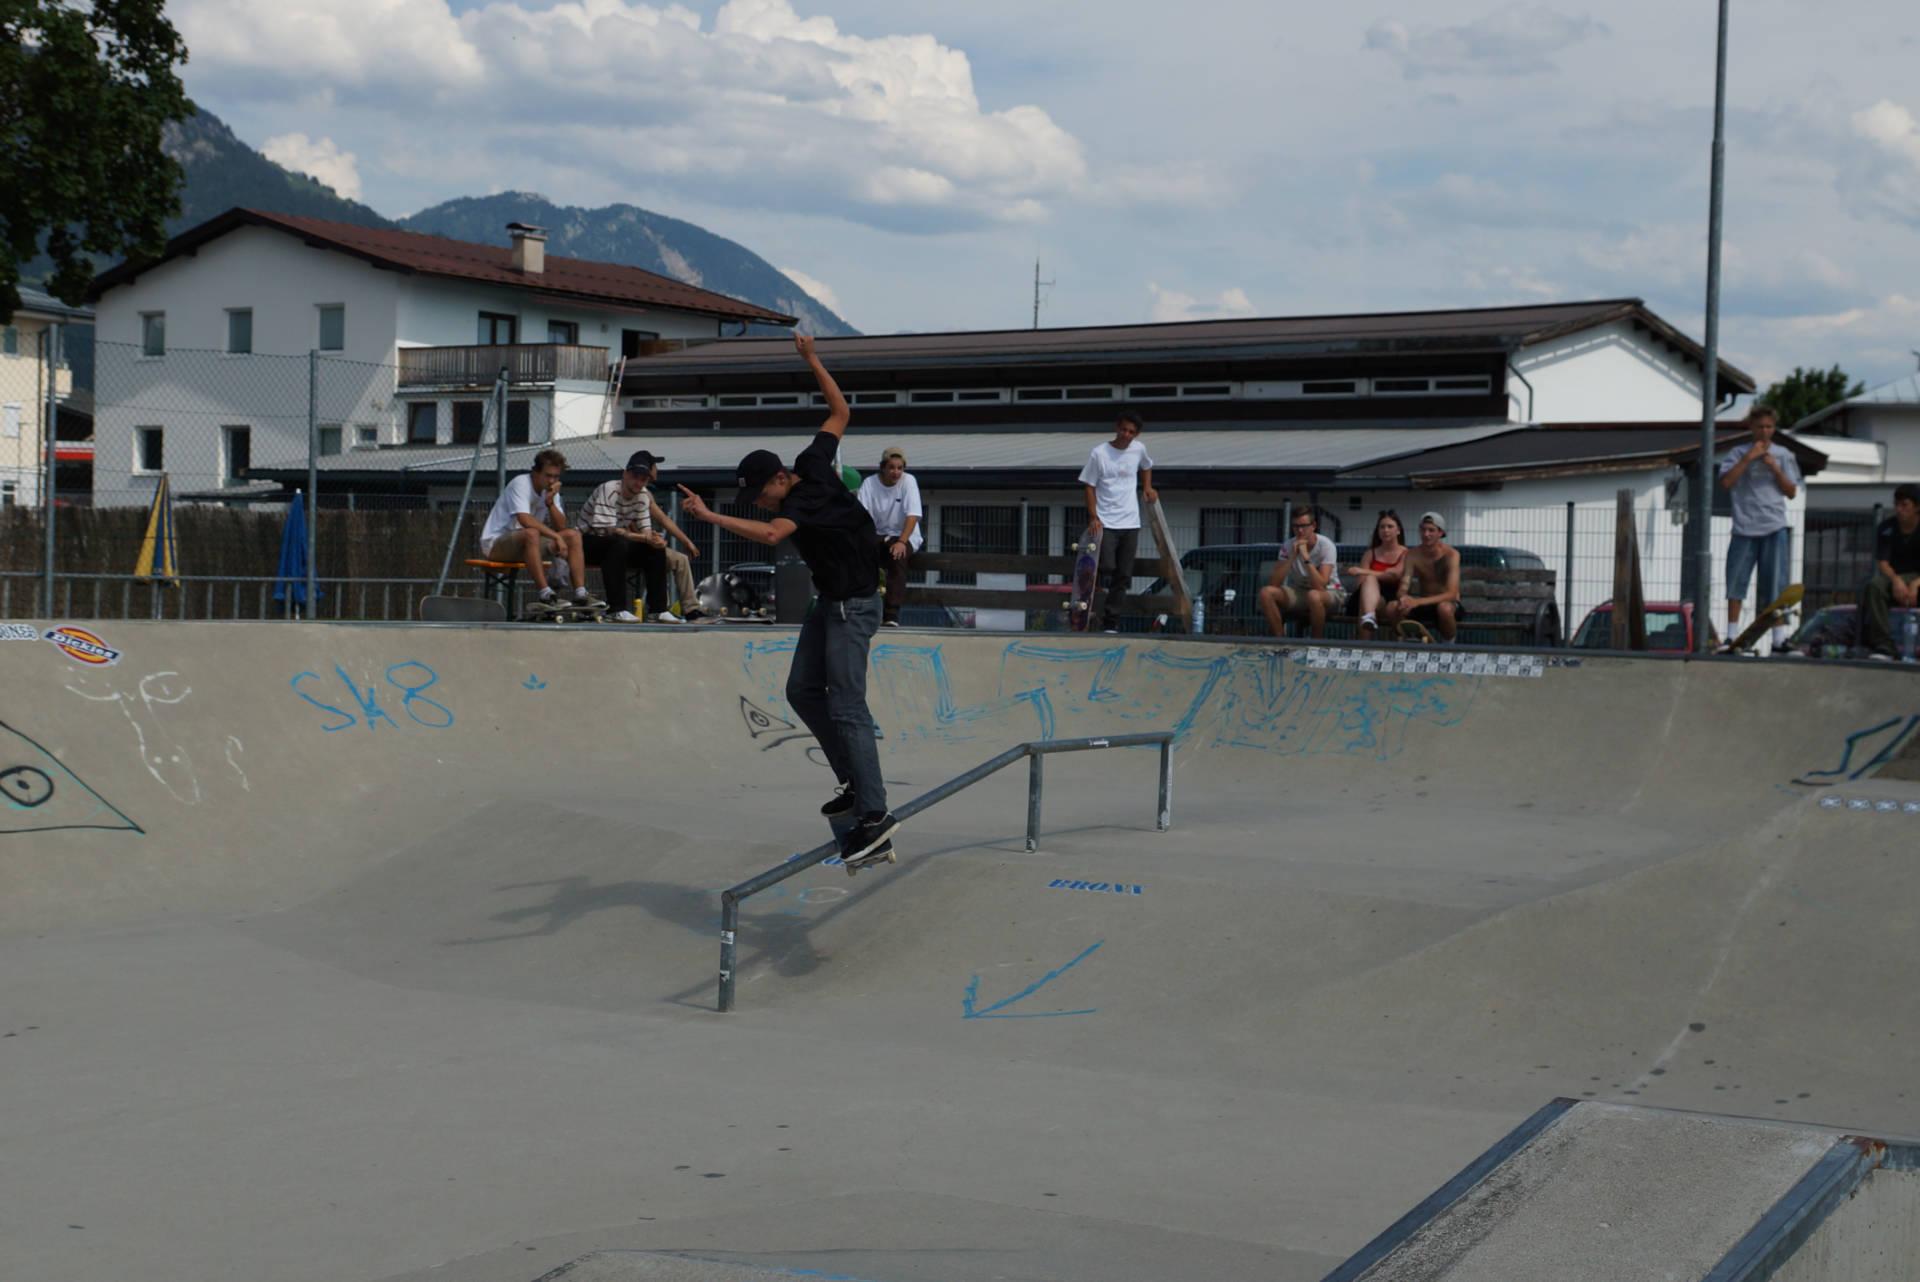 skateboardheadz st johann in tirol kgt 2019 finale 00044